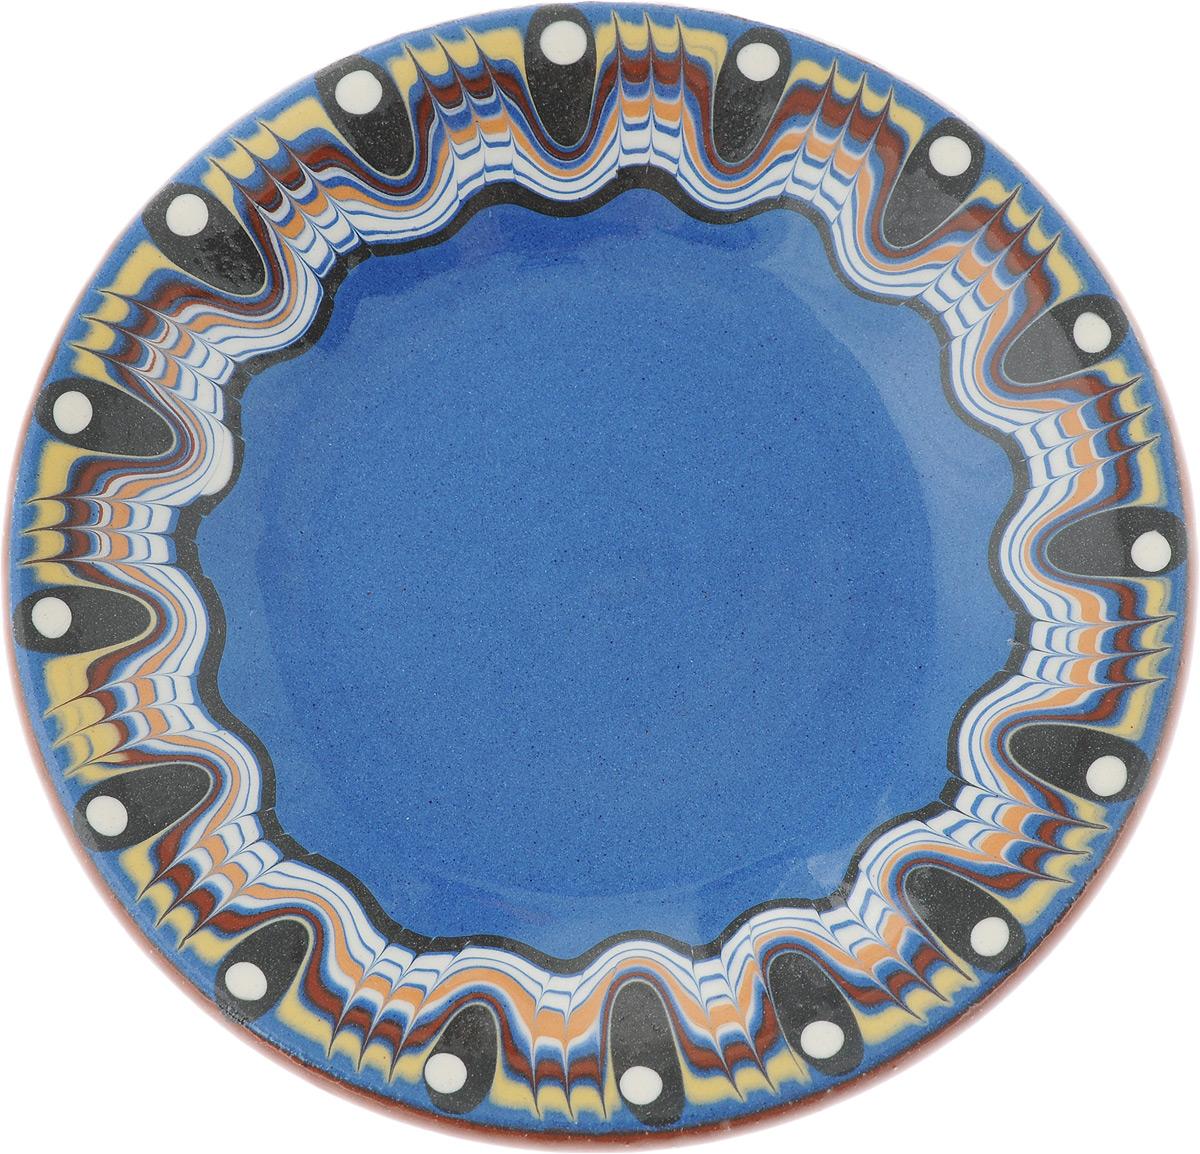 Блюдце Troian ceramics, 12 см003/P0012Блюдце Troian ceramics выполнено из высококачественной керамики. Изделие оформлено узором. Изящное блюдце не только красиво оформит стол к чаепитию, но и станет прекрасным подарком друзьям и близким. Диаметр блюдца: 12 см. Высота блюдца: 1,5 см.